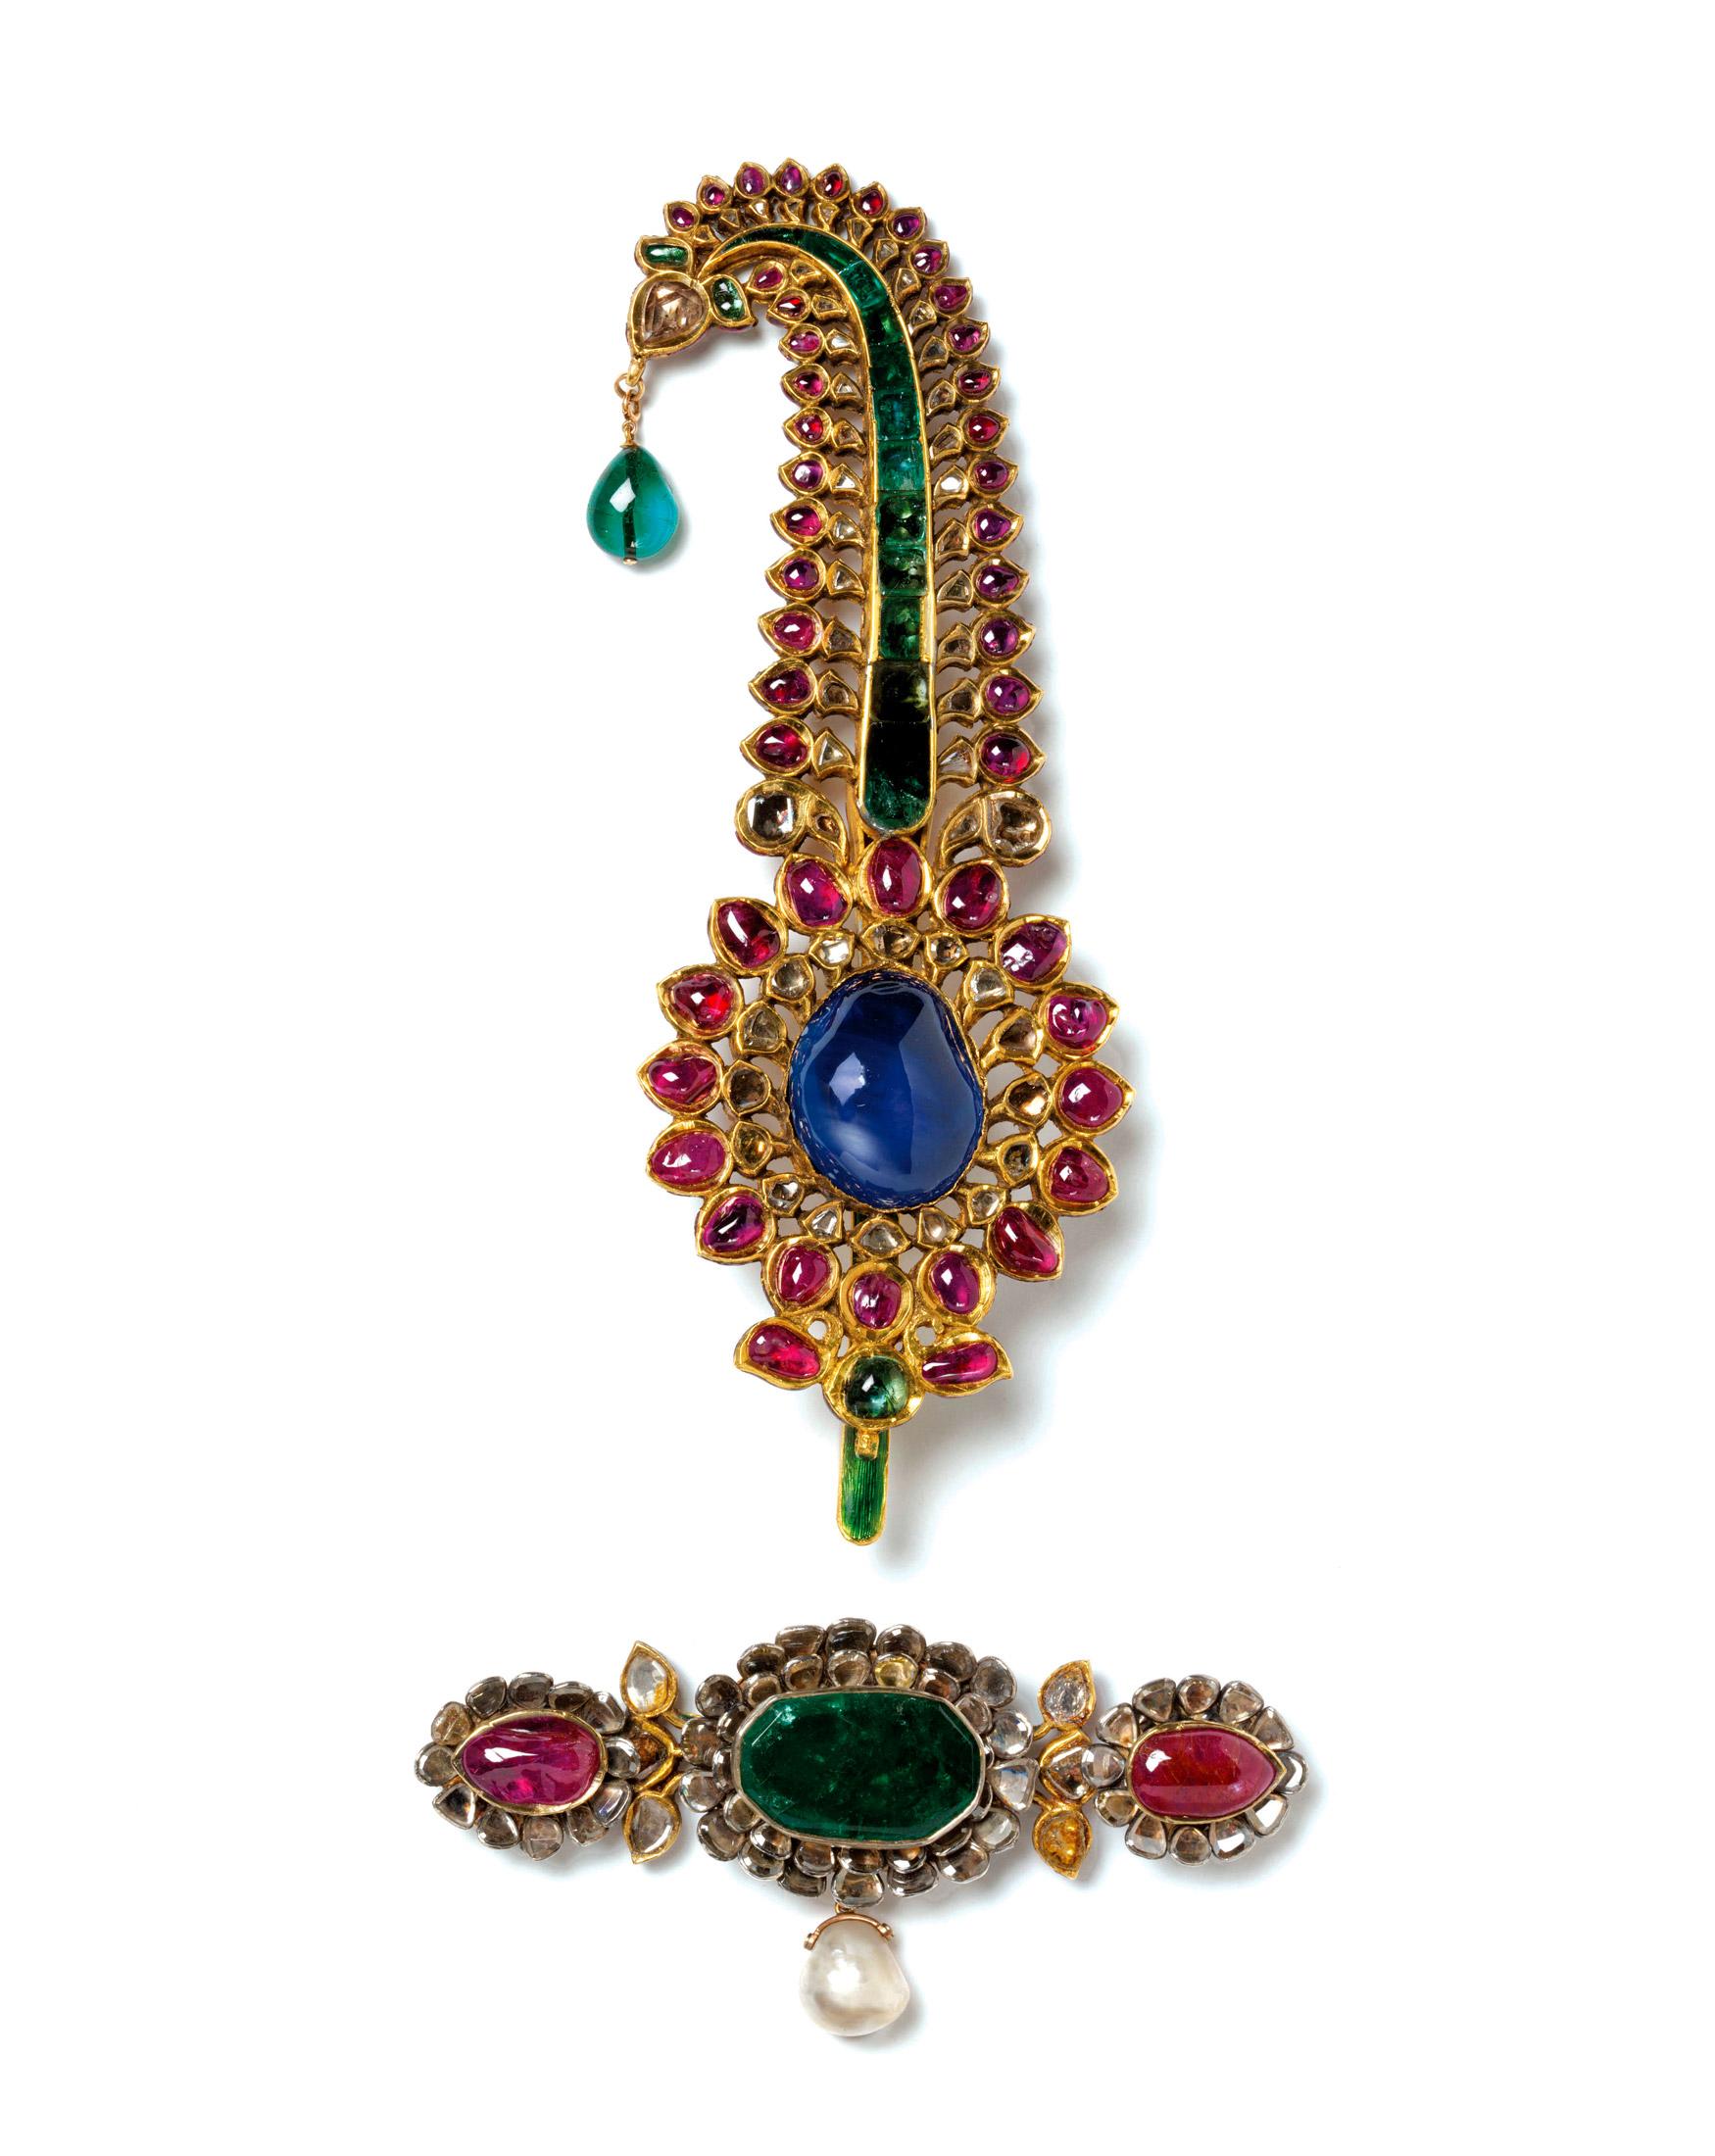 Maharaja The Splendor Of India S Royal Courts